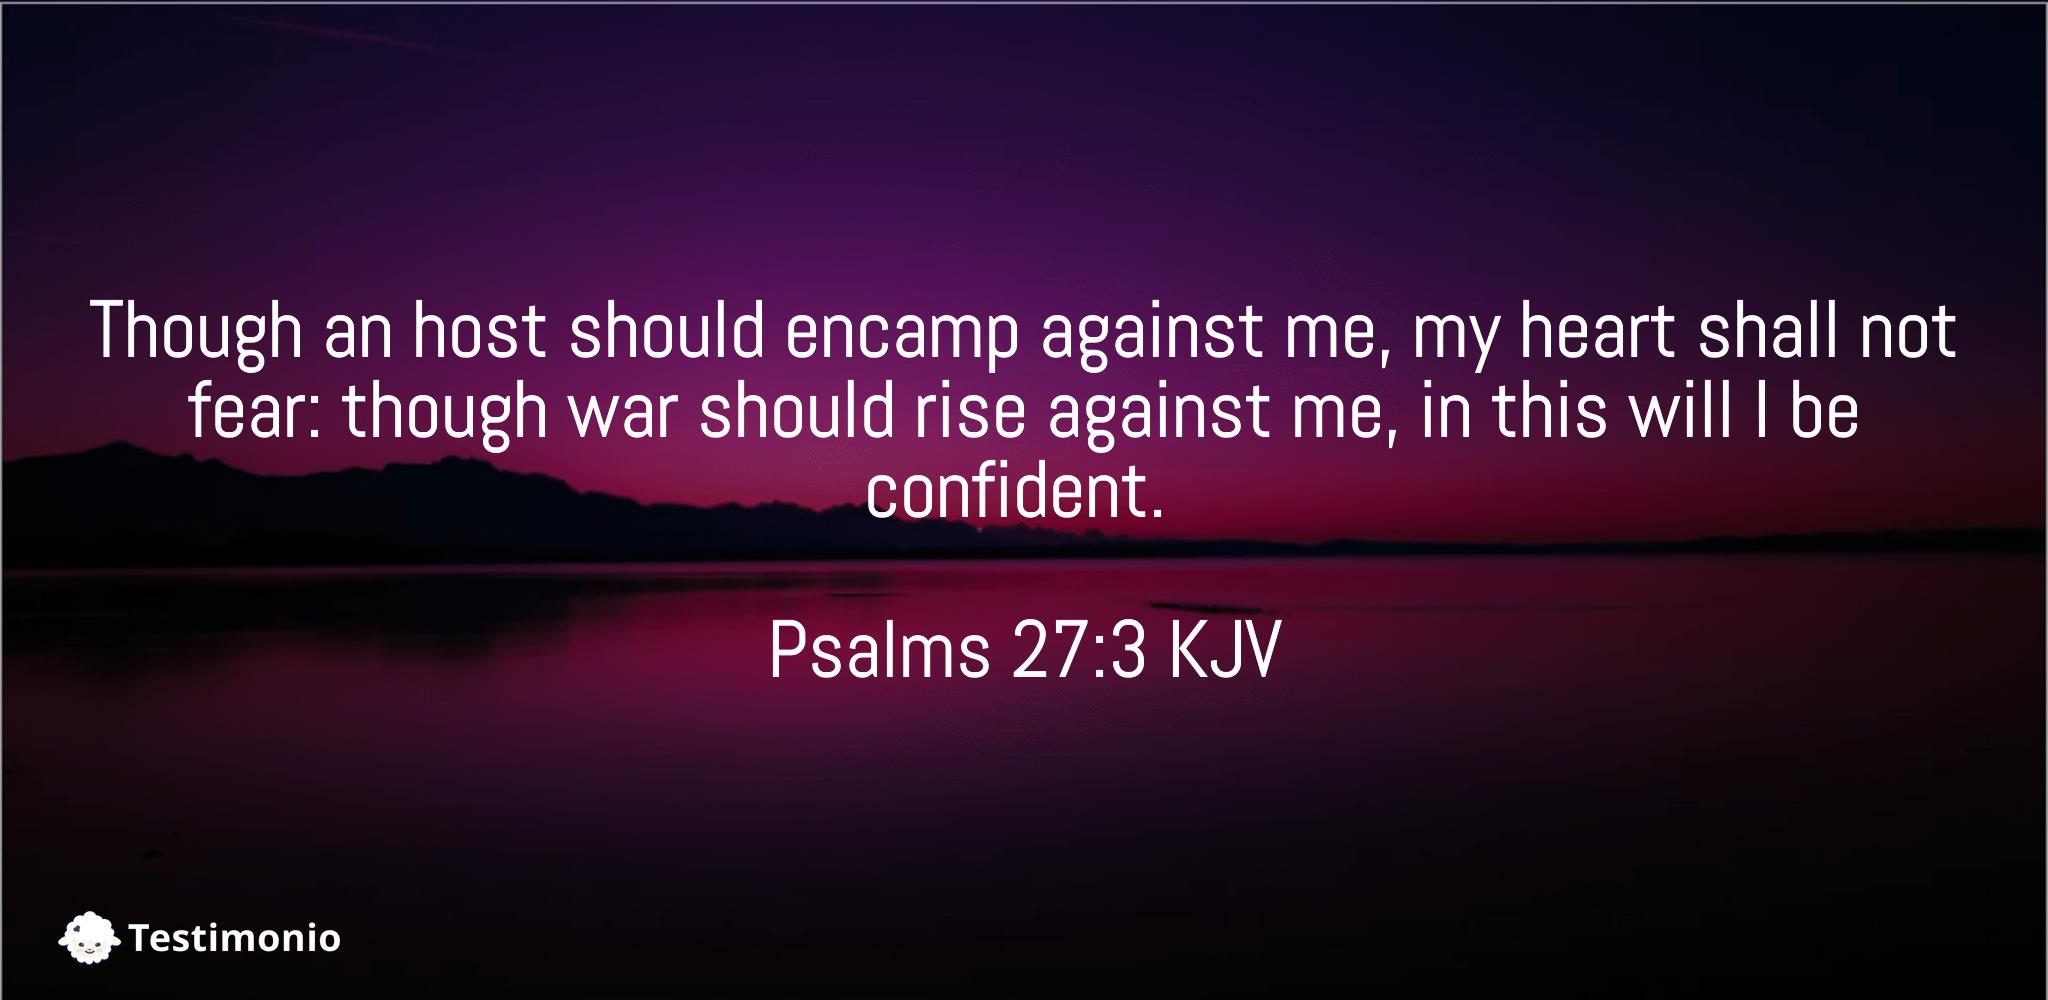 Psalms 27:3